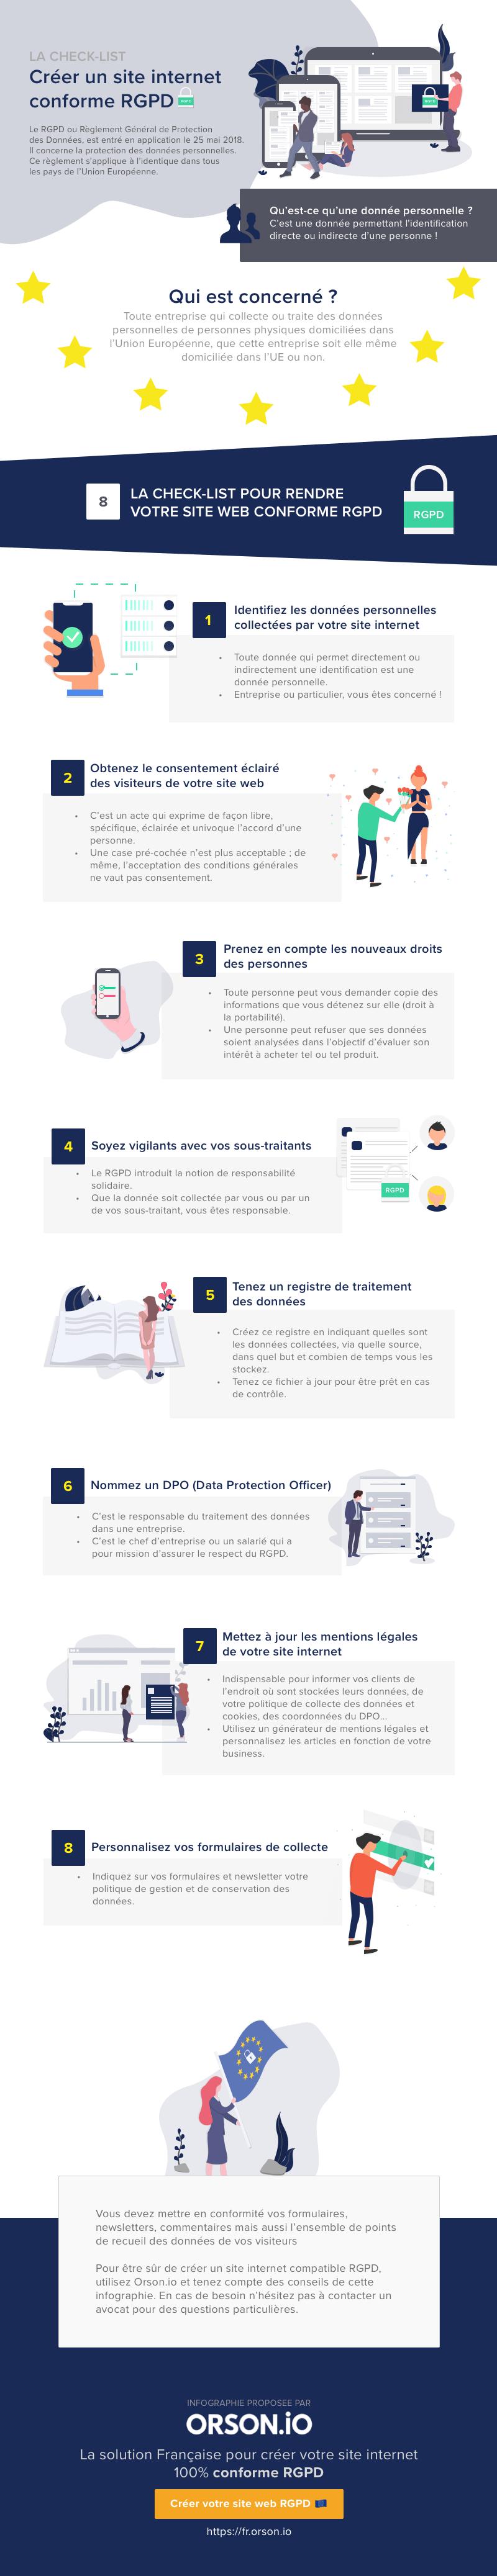 RGPD réglement européen sur protection des données